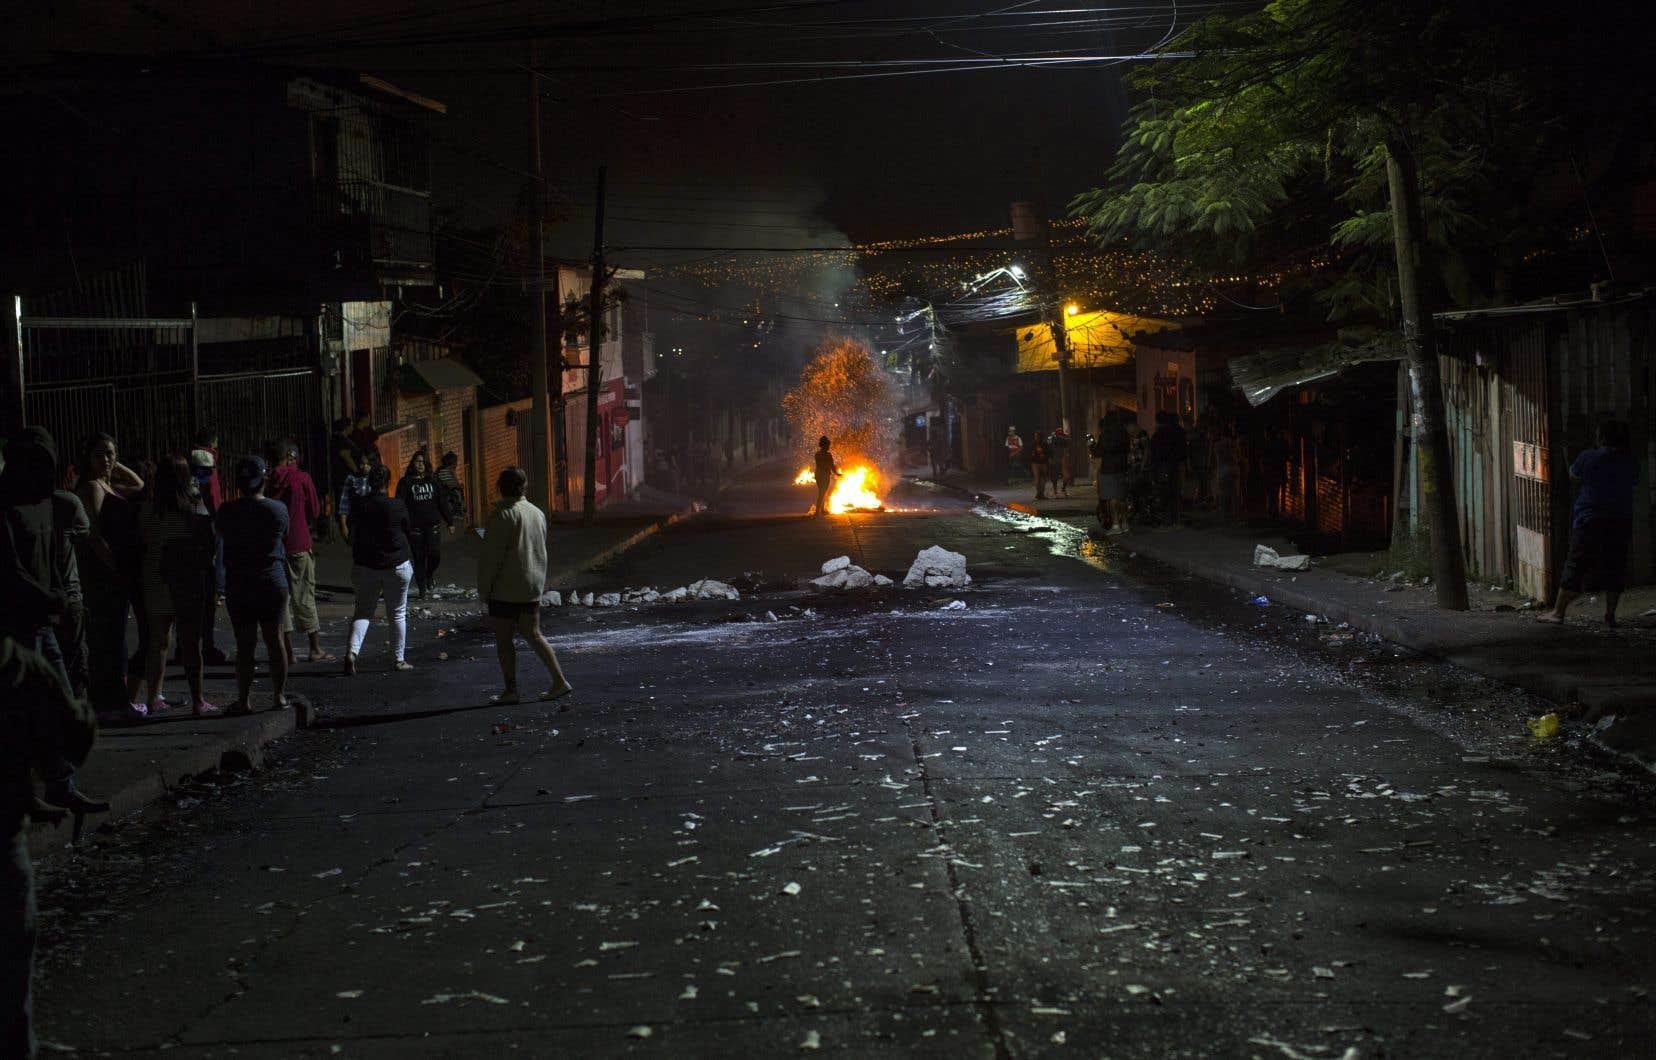 Dans la capitale Tegucigalpa, des milliers d'habitants continuent de défier le couvre-feu pour ériger des barricades et frapper dans des casseroles.